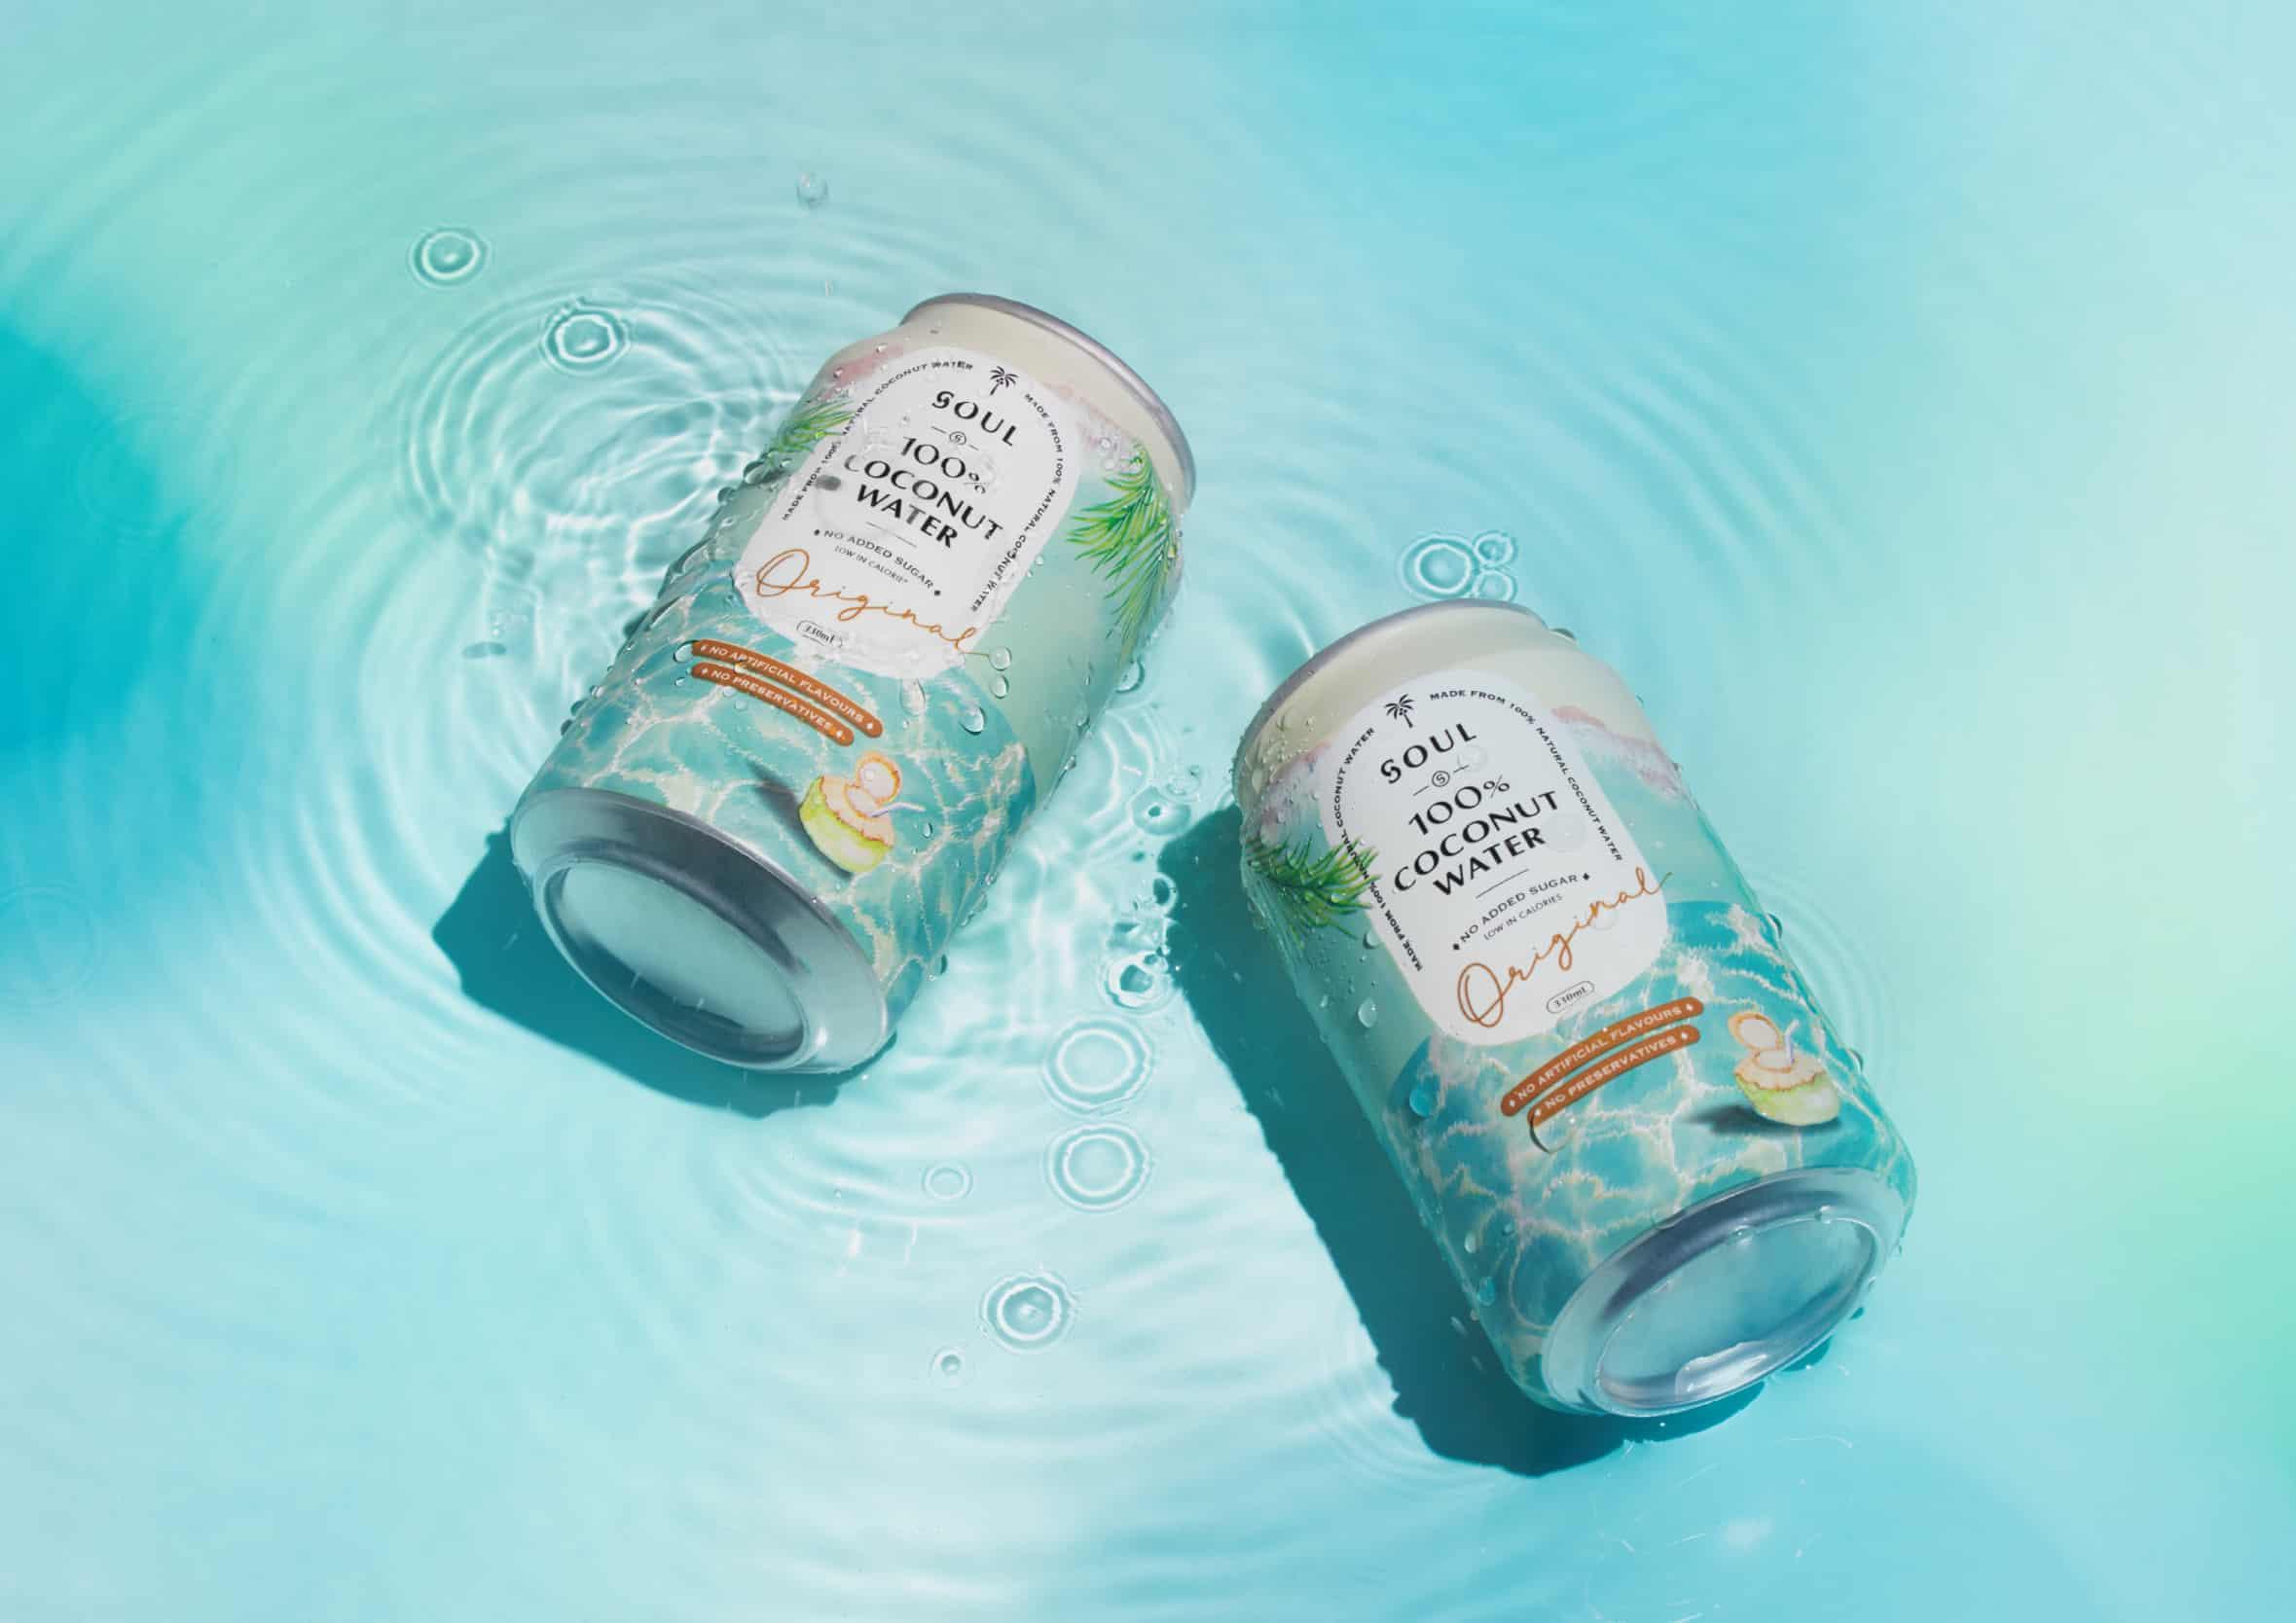 SOUL 100%椰子水 | 品牌設計及包裝設計